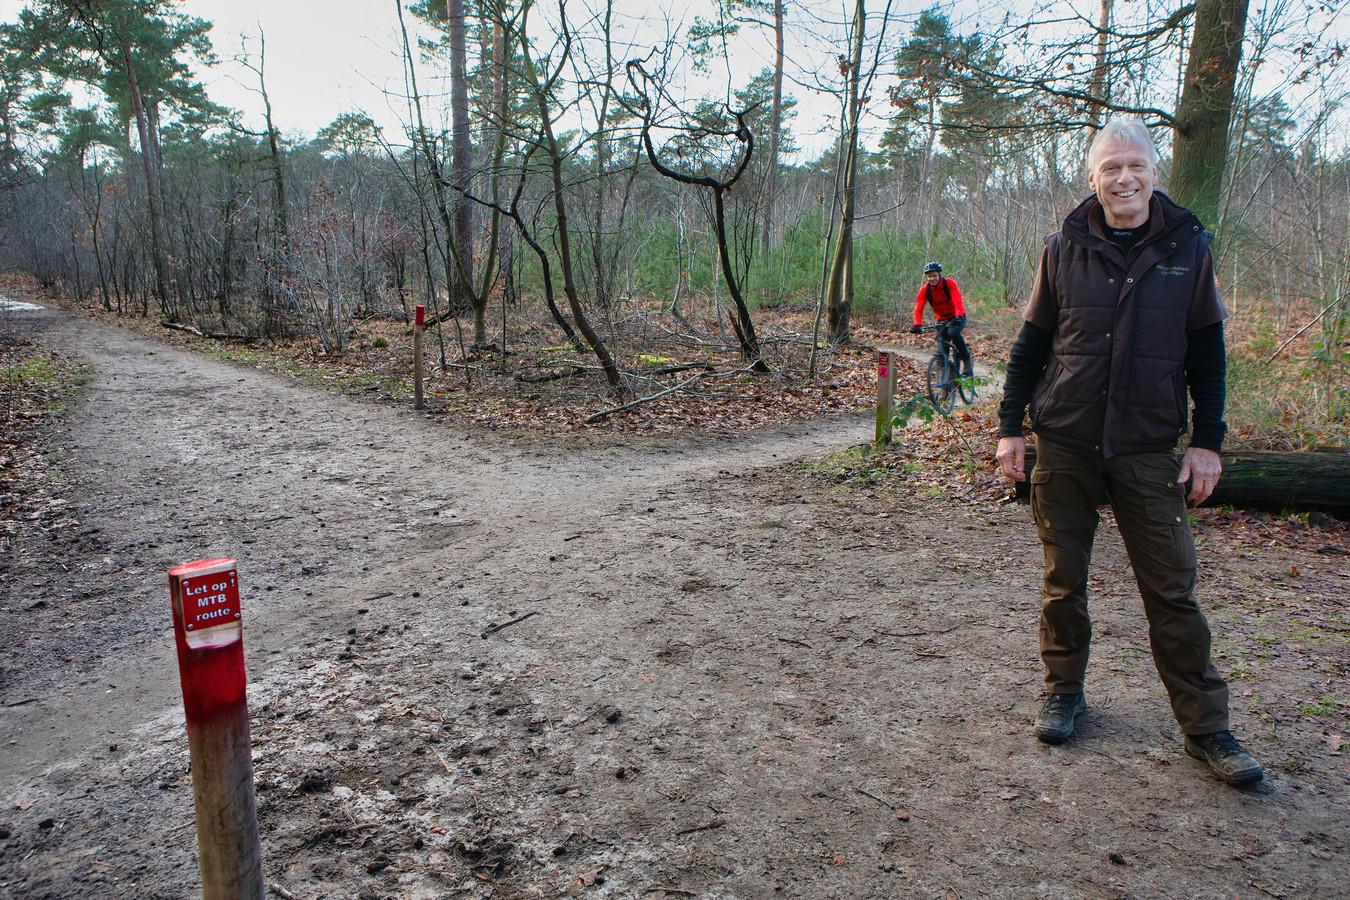 Rob Huijs is een van de mensen verantwoordelijk voor het onderhoud van de MTB routes in de bossen tussen Oosterhout en Dorst. Door de grote drukte, zowel qua mountainbikers als qua wandelaars, is er extra aandacht voor de veiligheid. Door in de bochten de begroeiing laag te houden en op kruisende paden rode paaltjes te plaatsen die waarschuwen voor de routes moeten gevaarlijke situaties voorkomen worden.